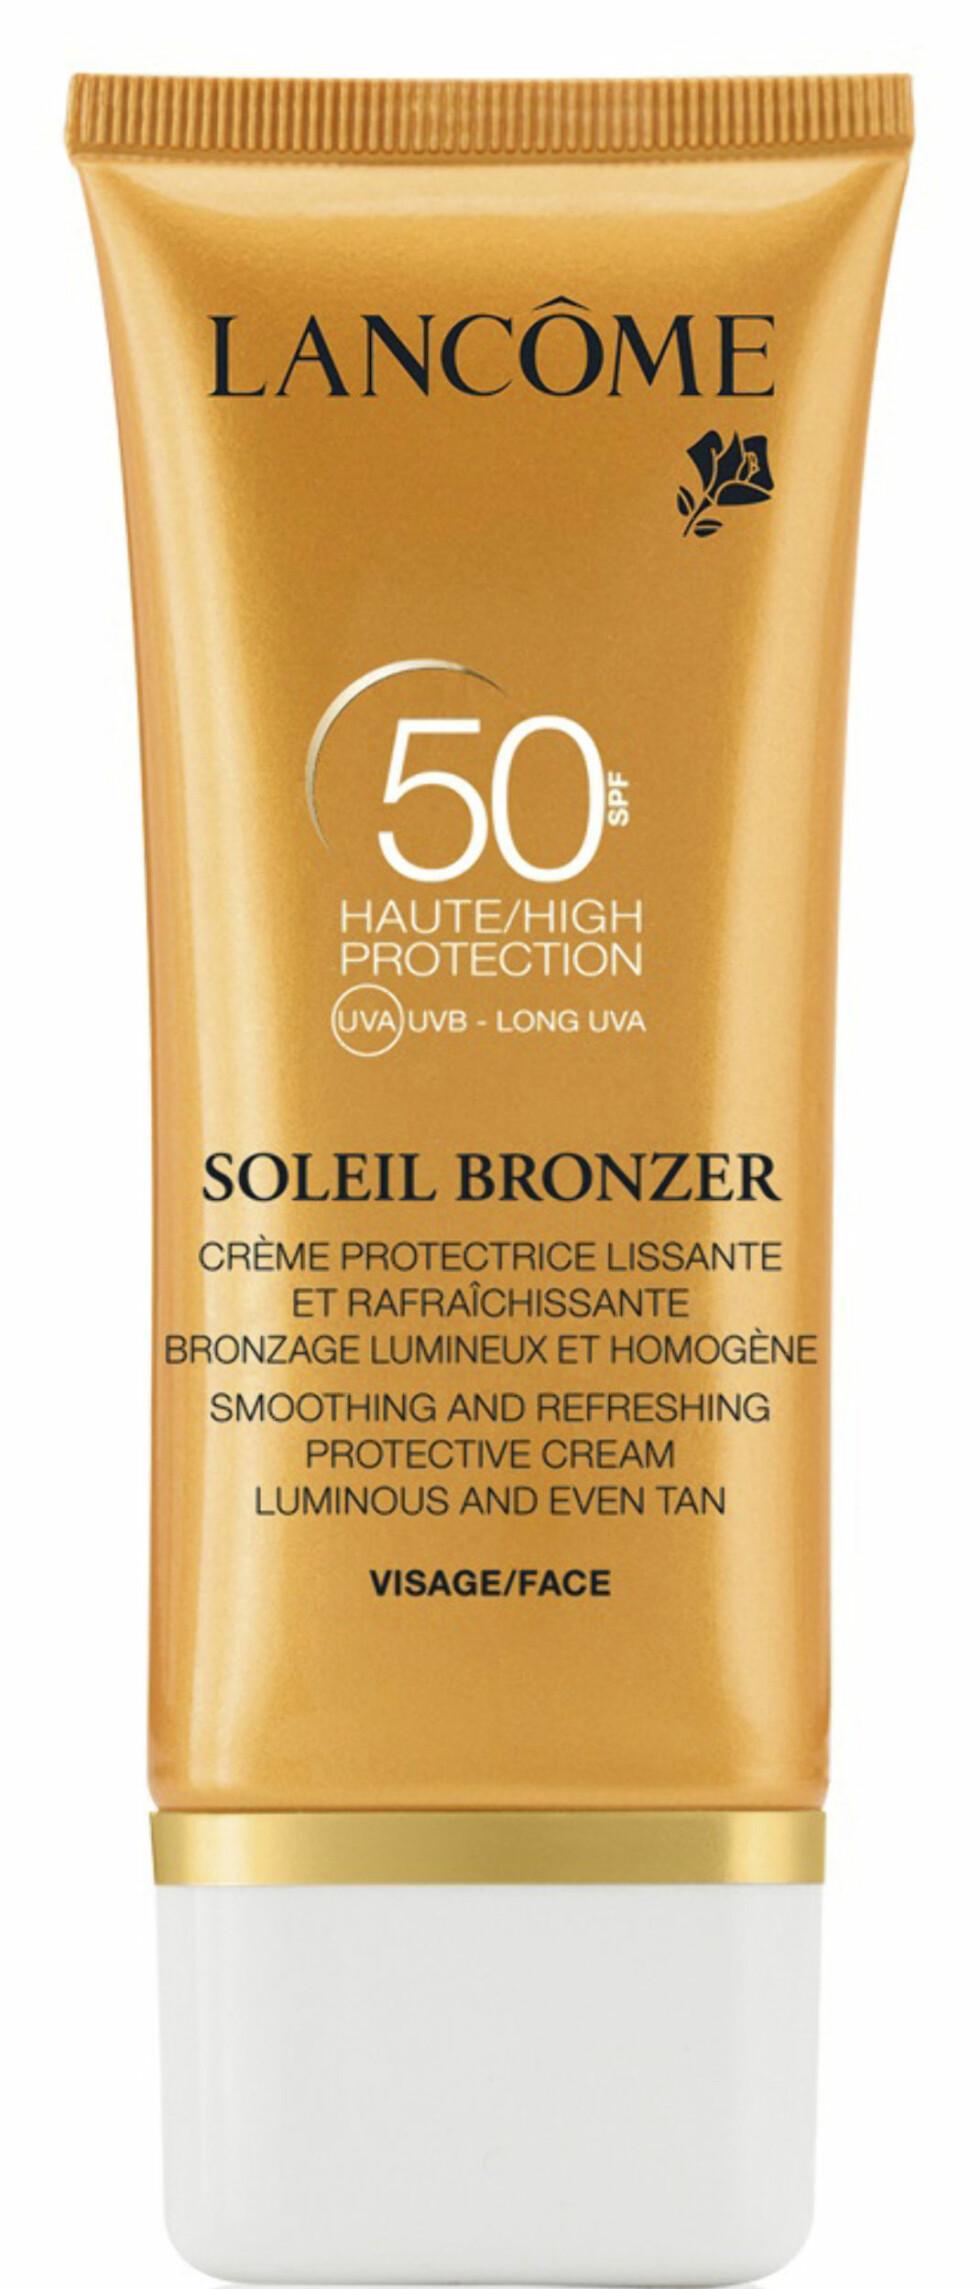 BB-krem med høy solfaktor og antioksidanter som beskytter huden ekstra (kr 275, Lancôme, Soleil Bronzer Smoothing Protective Cream Sun BB Cream SPF 50). Foto: Produsenten